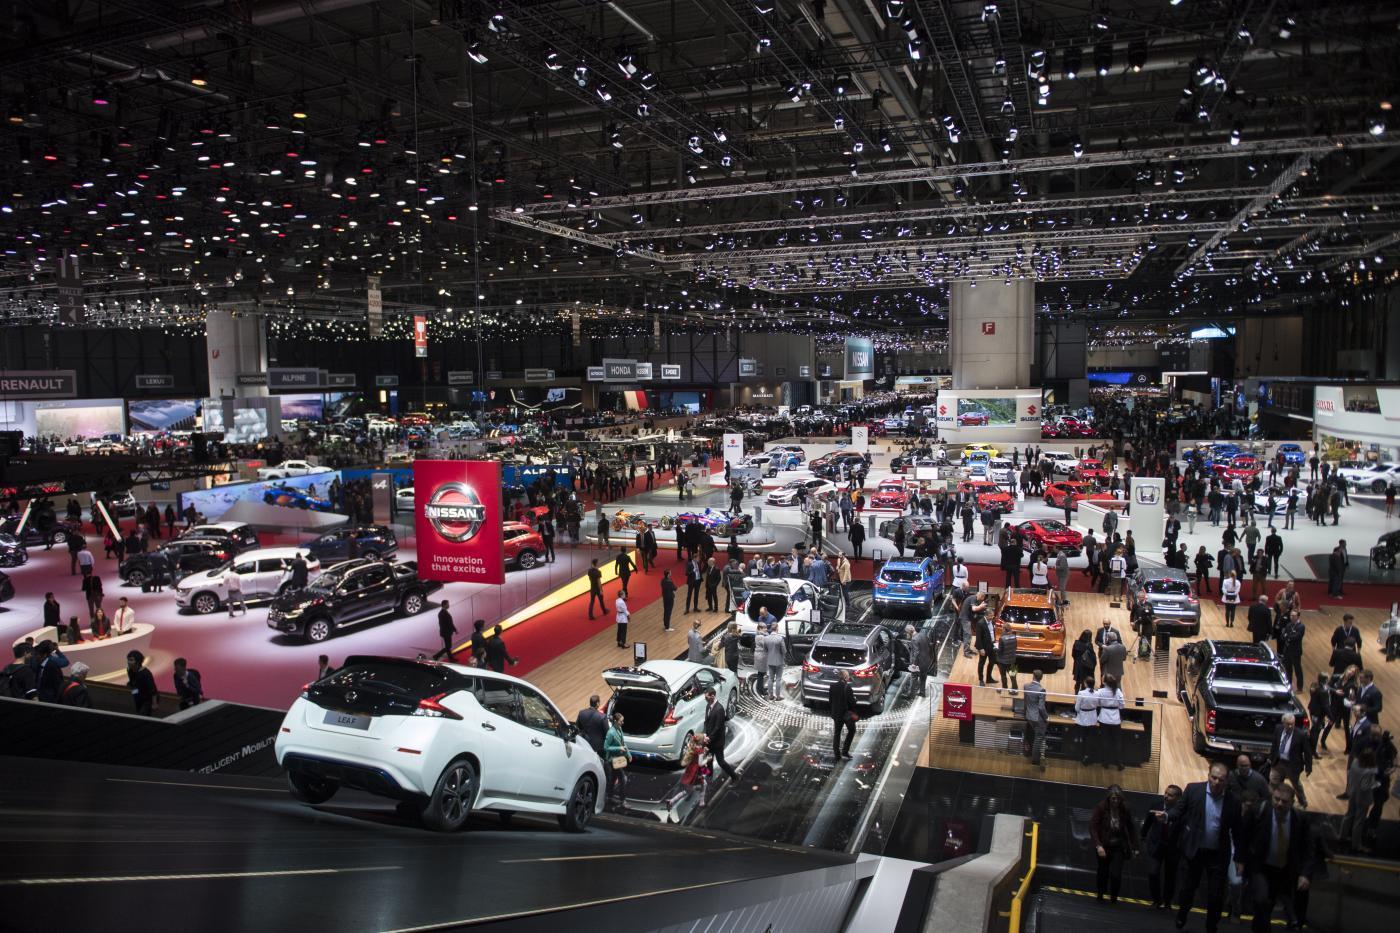 Ferrari, Maserati, Alfa Romeo e non solo. L'industria automobilistica italiana fa la voce grossa al Salone internazionale di Ginevra.